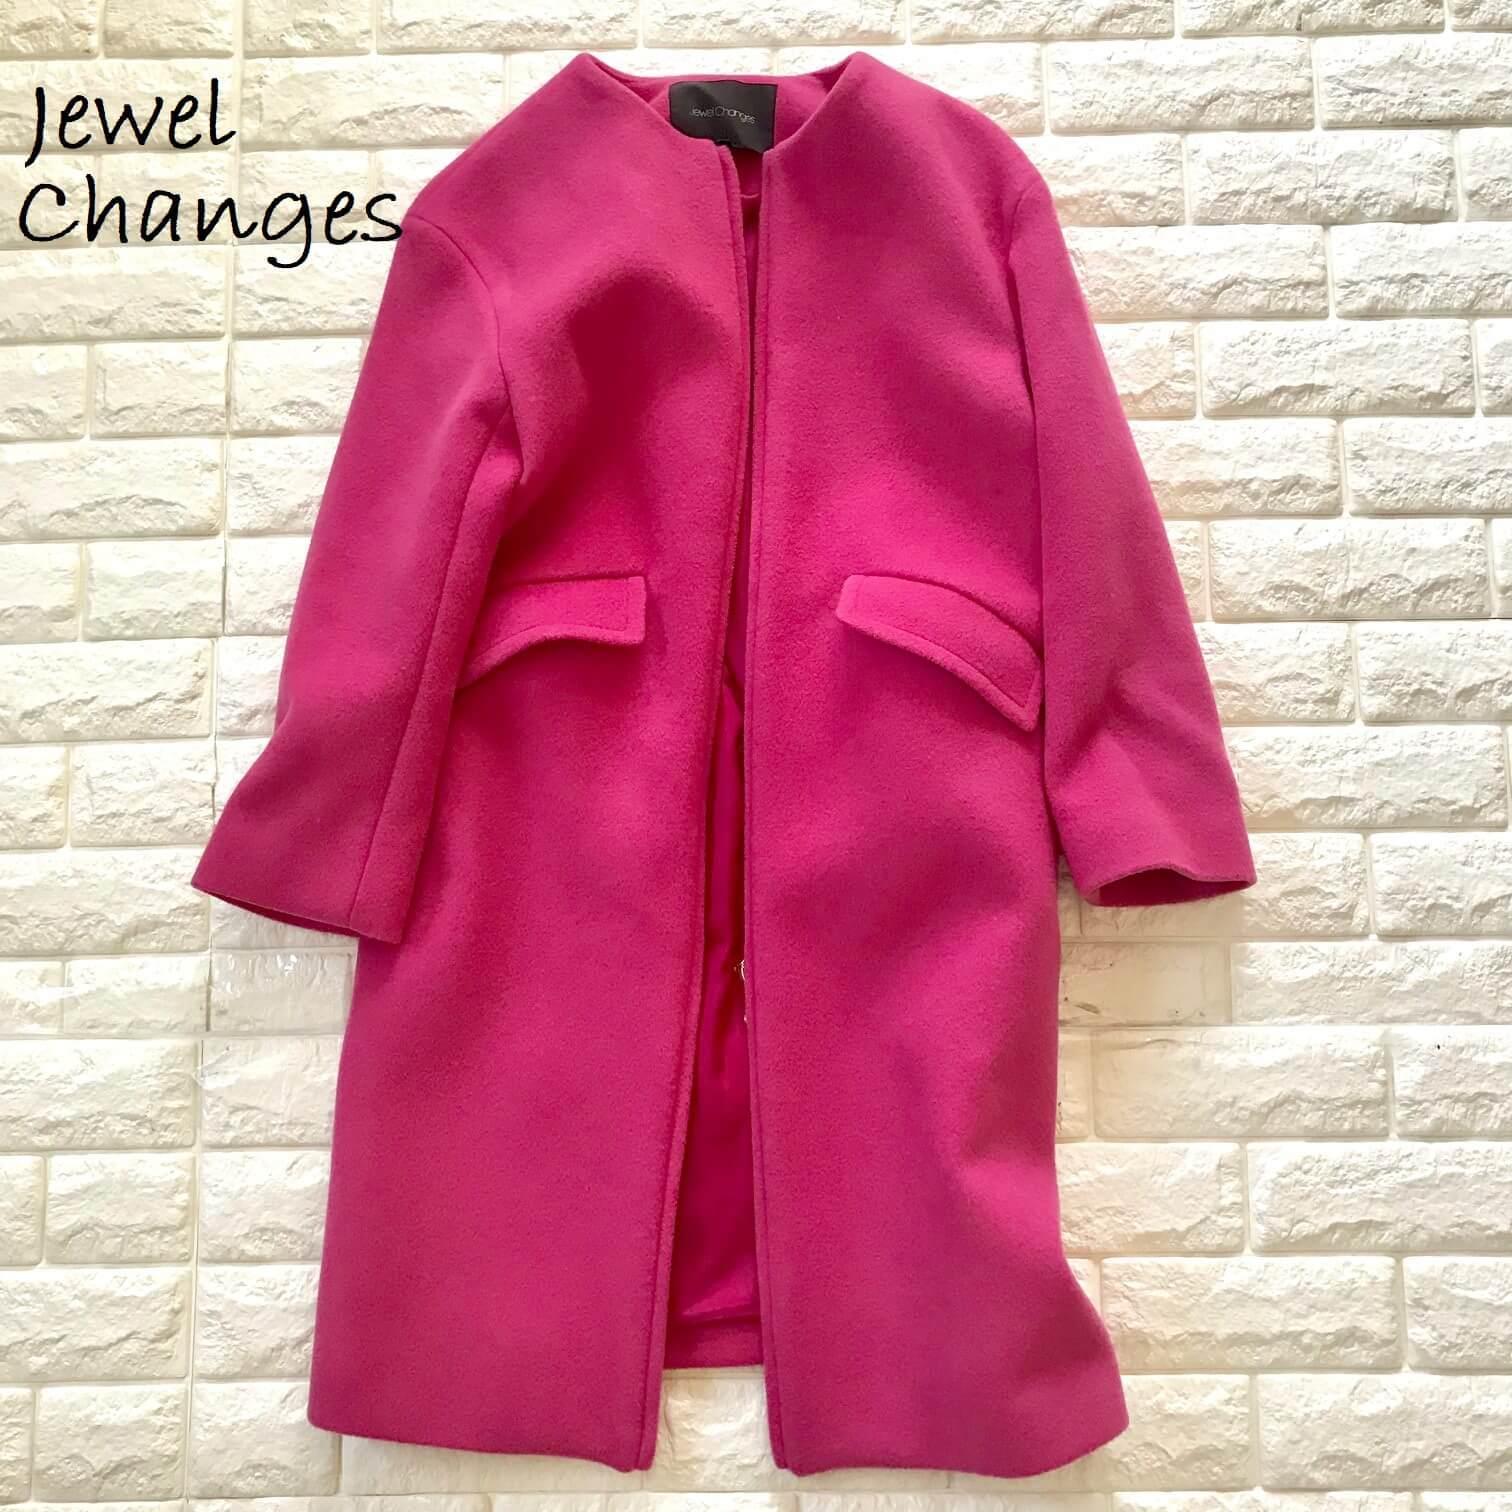 ジュエルチェンジズのピンクのコート画像